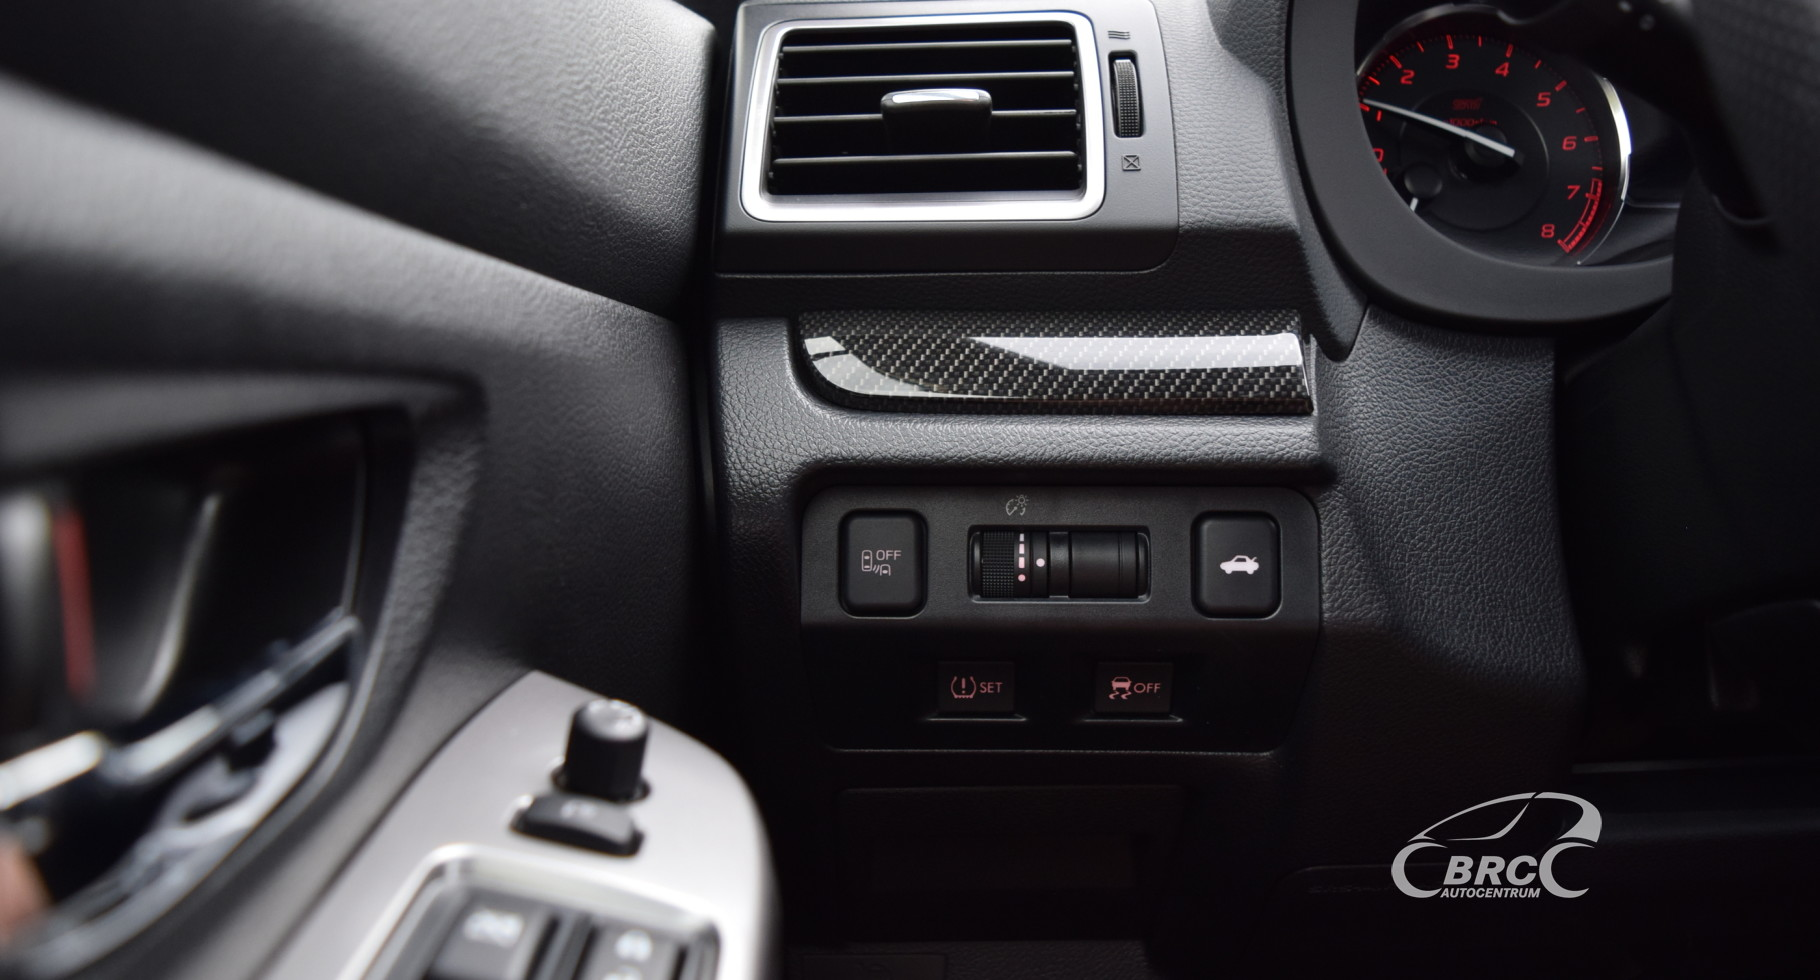 Subaru WRX STi GT Symmetrical AWD